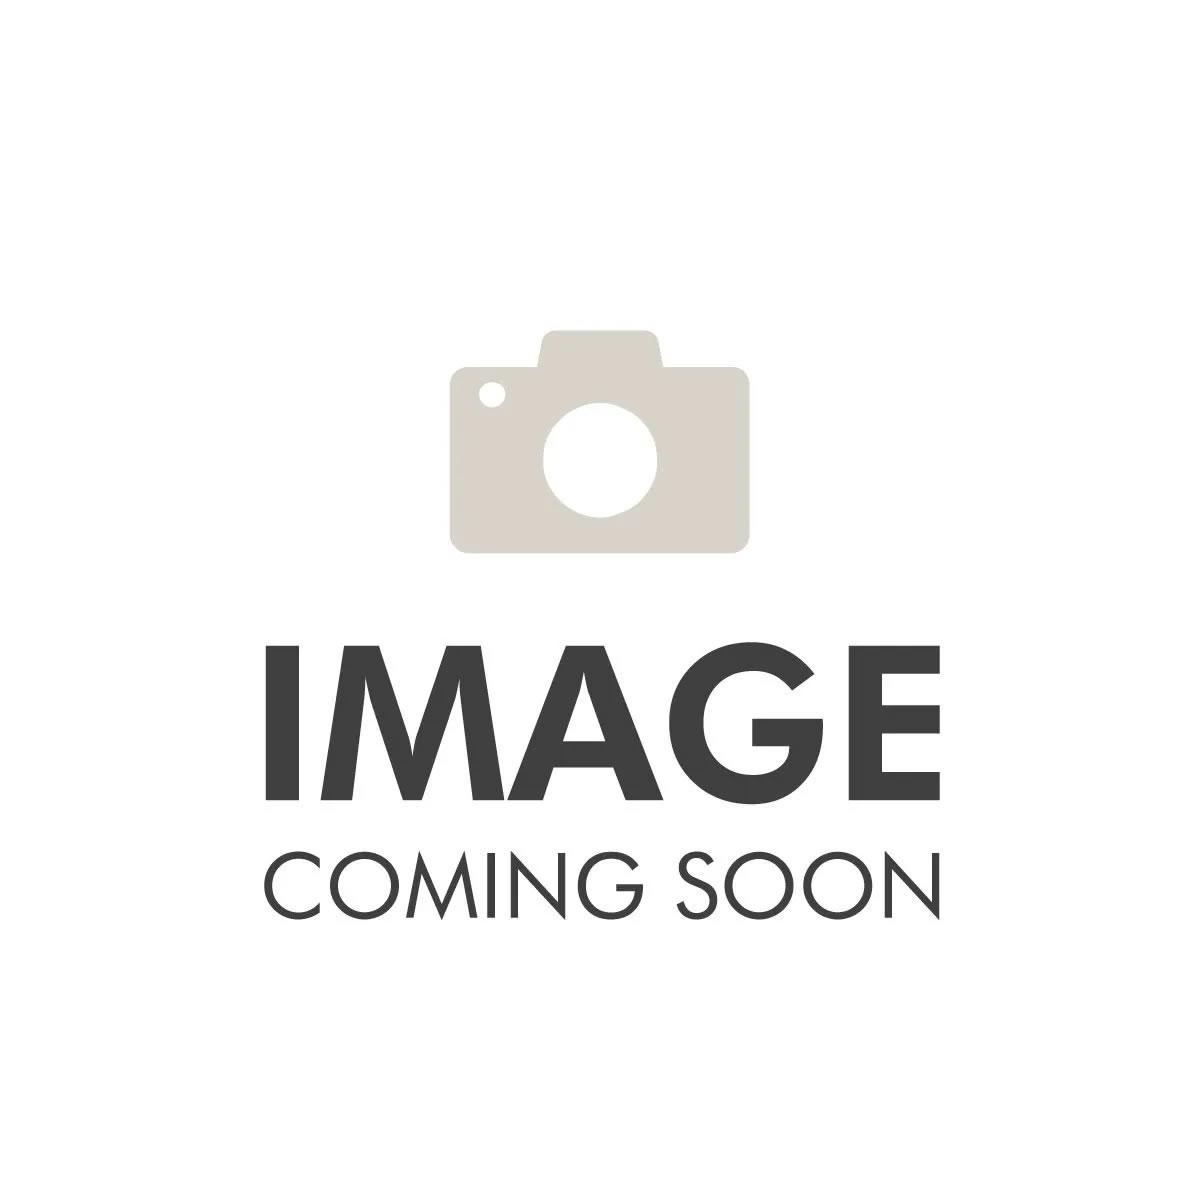 XHD Aluminum Front Bumper, Winch Mount; 07-17 Jeep Wrangler JK